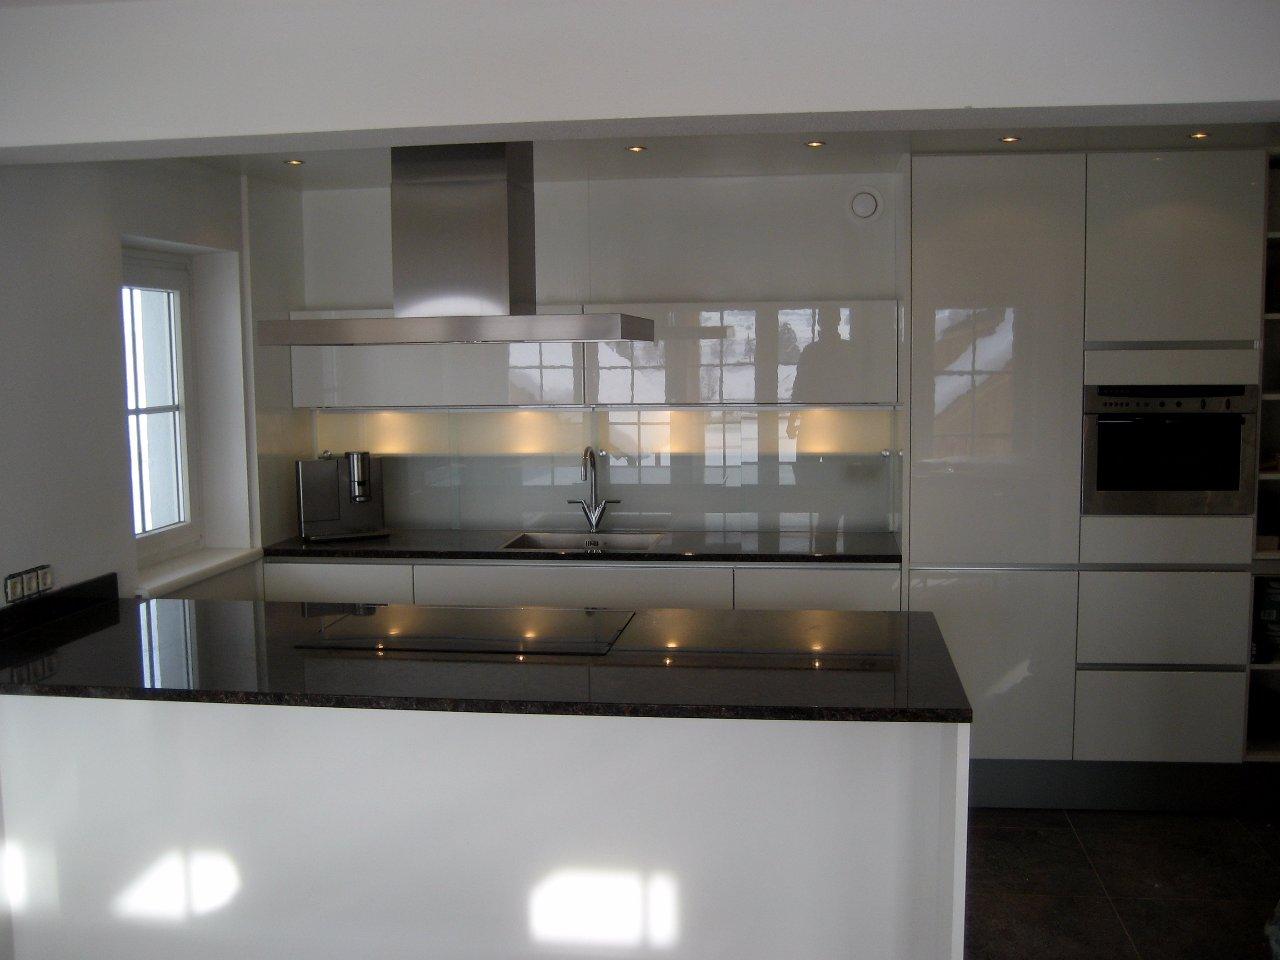 Hoogglans Witte Keuken : Luxury witte ikea keuken keukens apparatuur